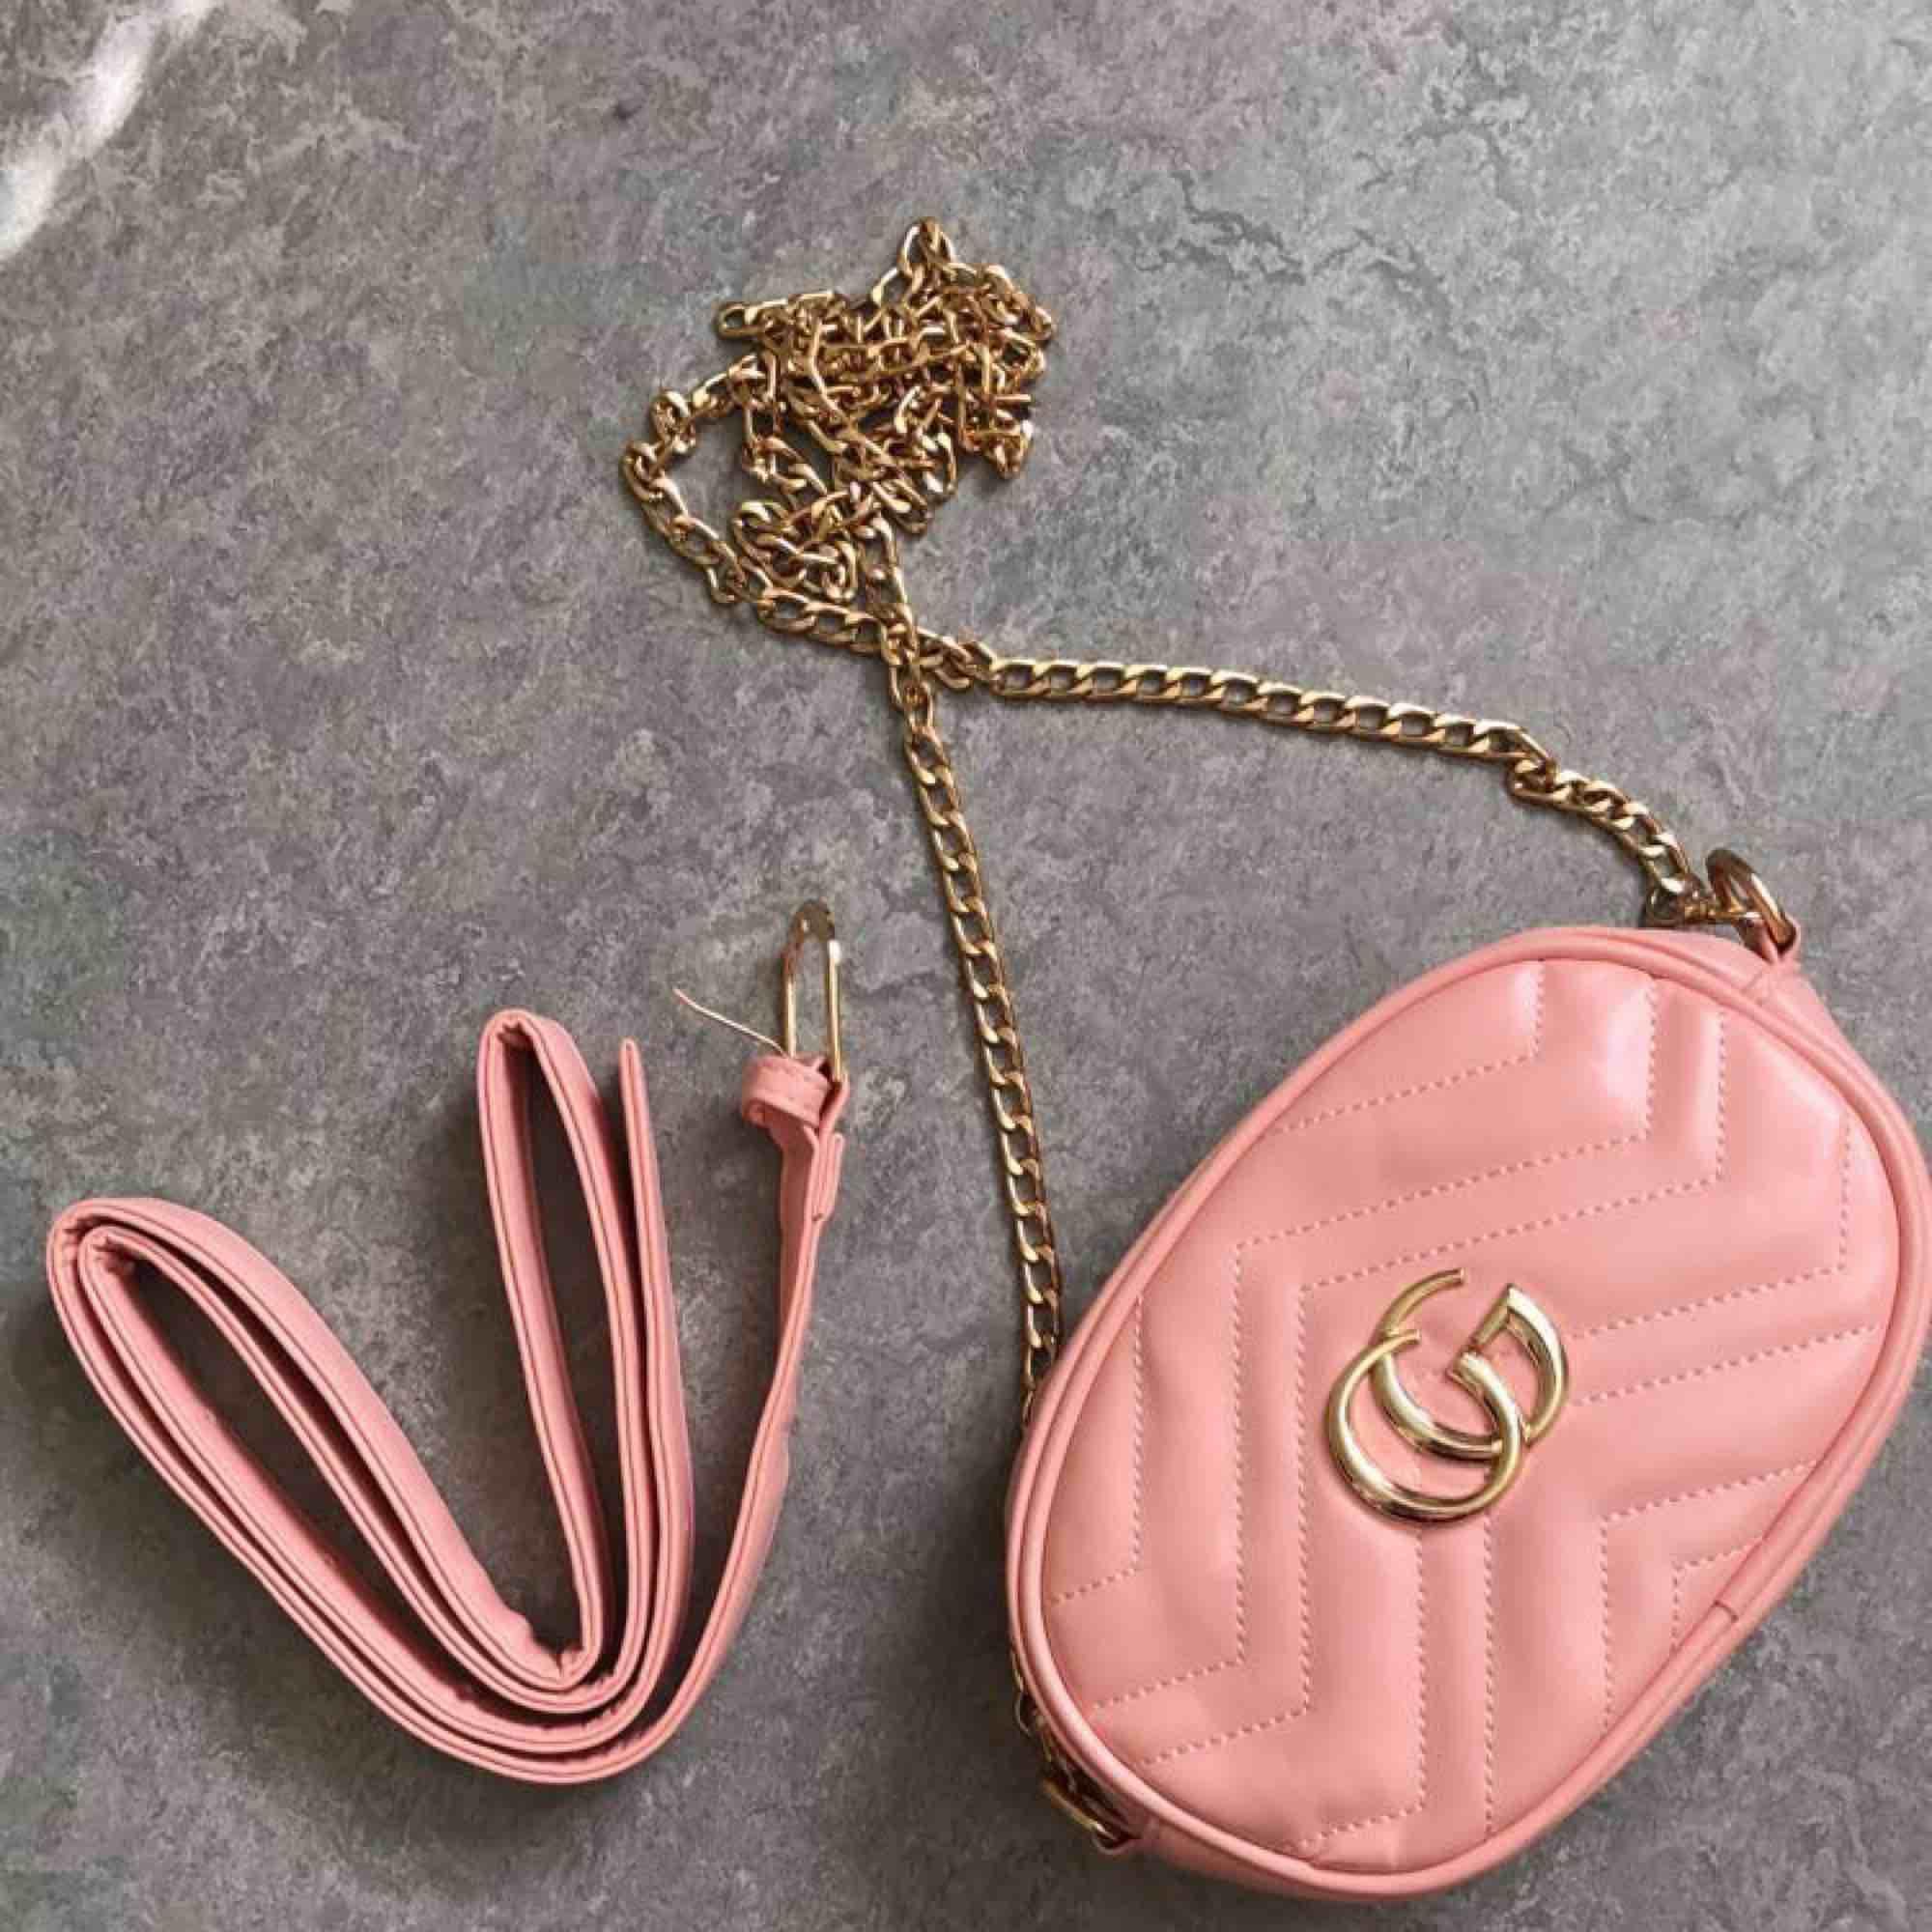 Fake Gucci väska/midjeväska för 200kr. Frank ingår i priset . Väskor.